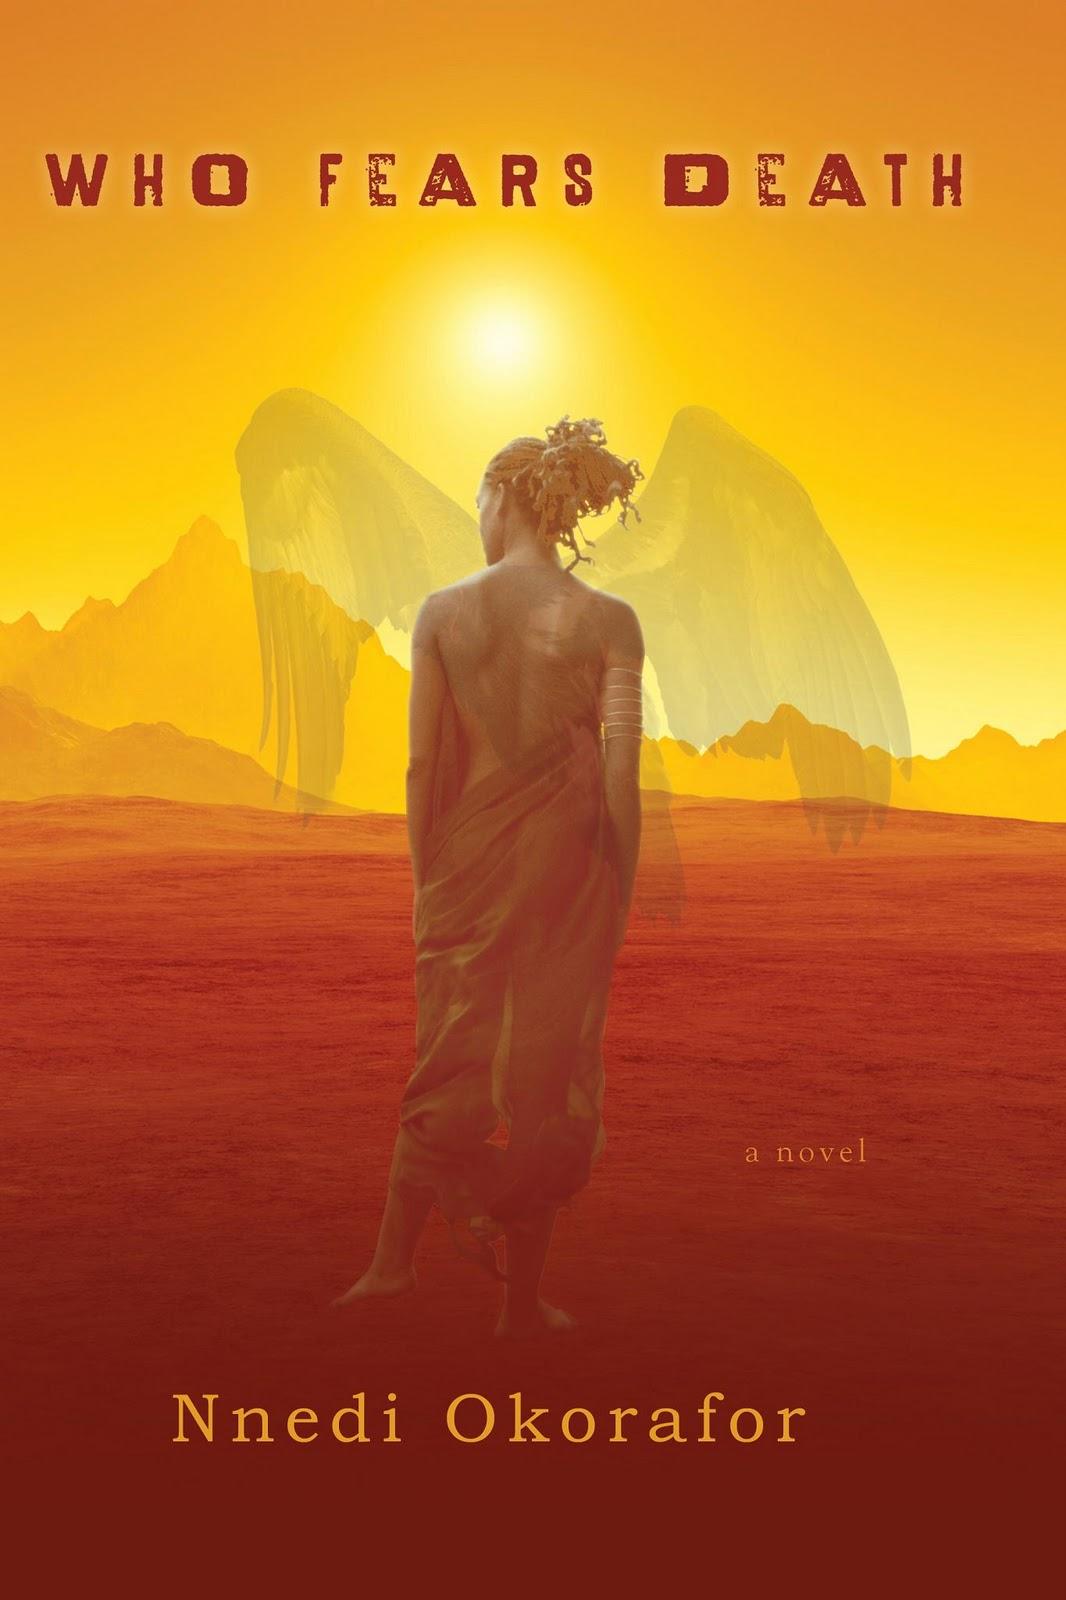 Dear Thursday: WHO FEARS DEATH by Nnedi Okorafor [Book 33 of 2010]